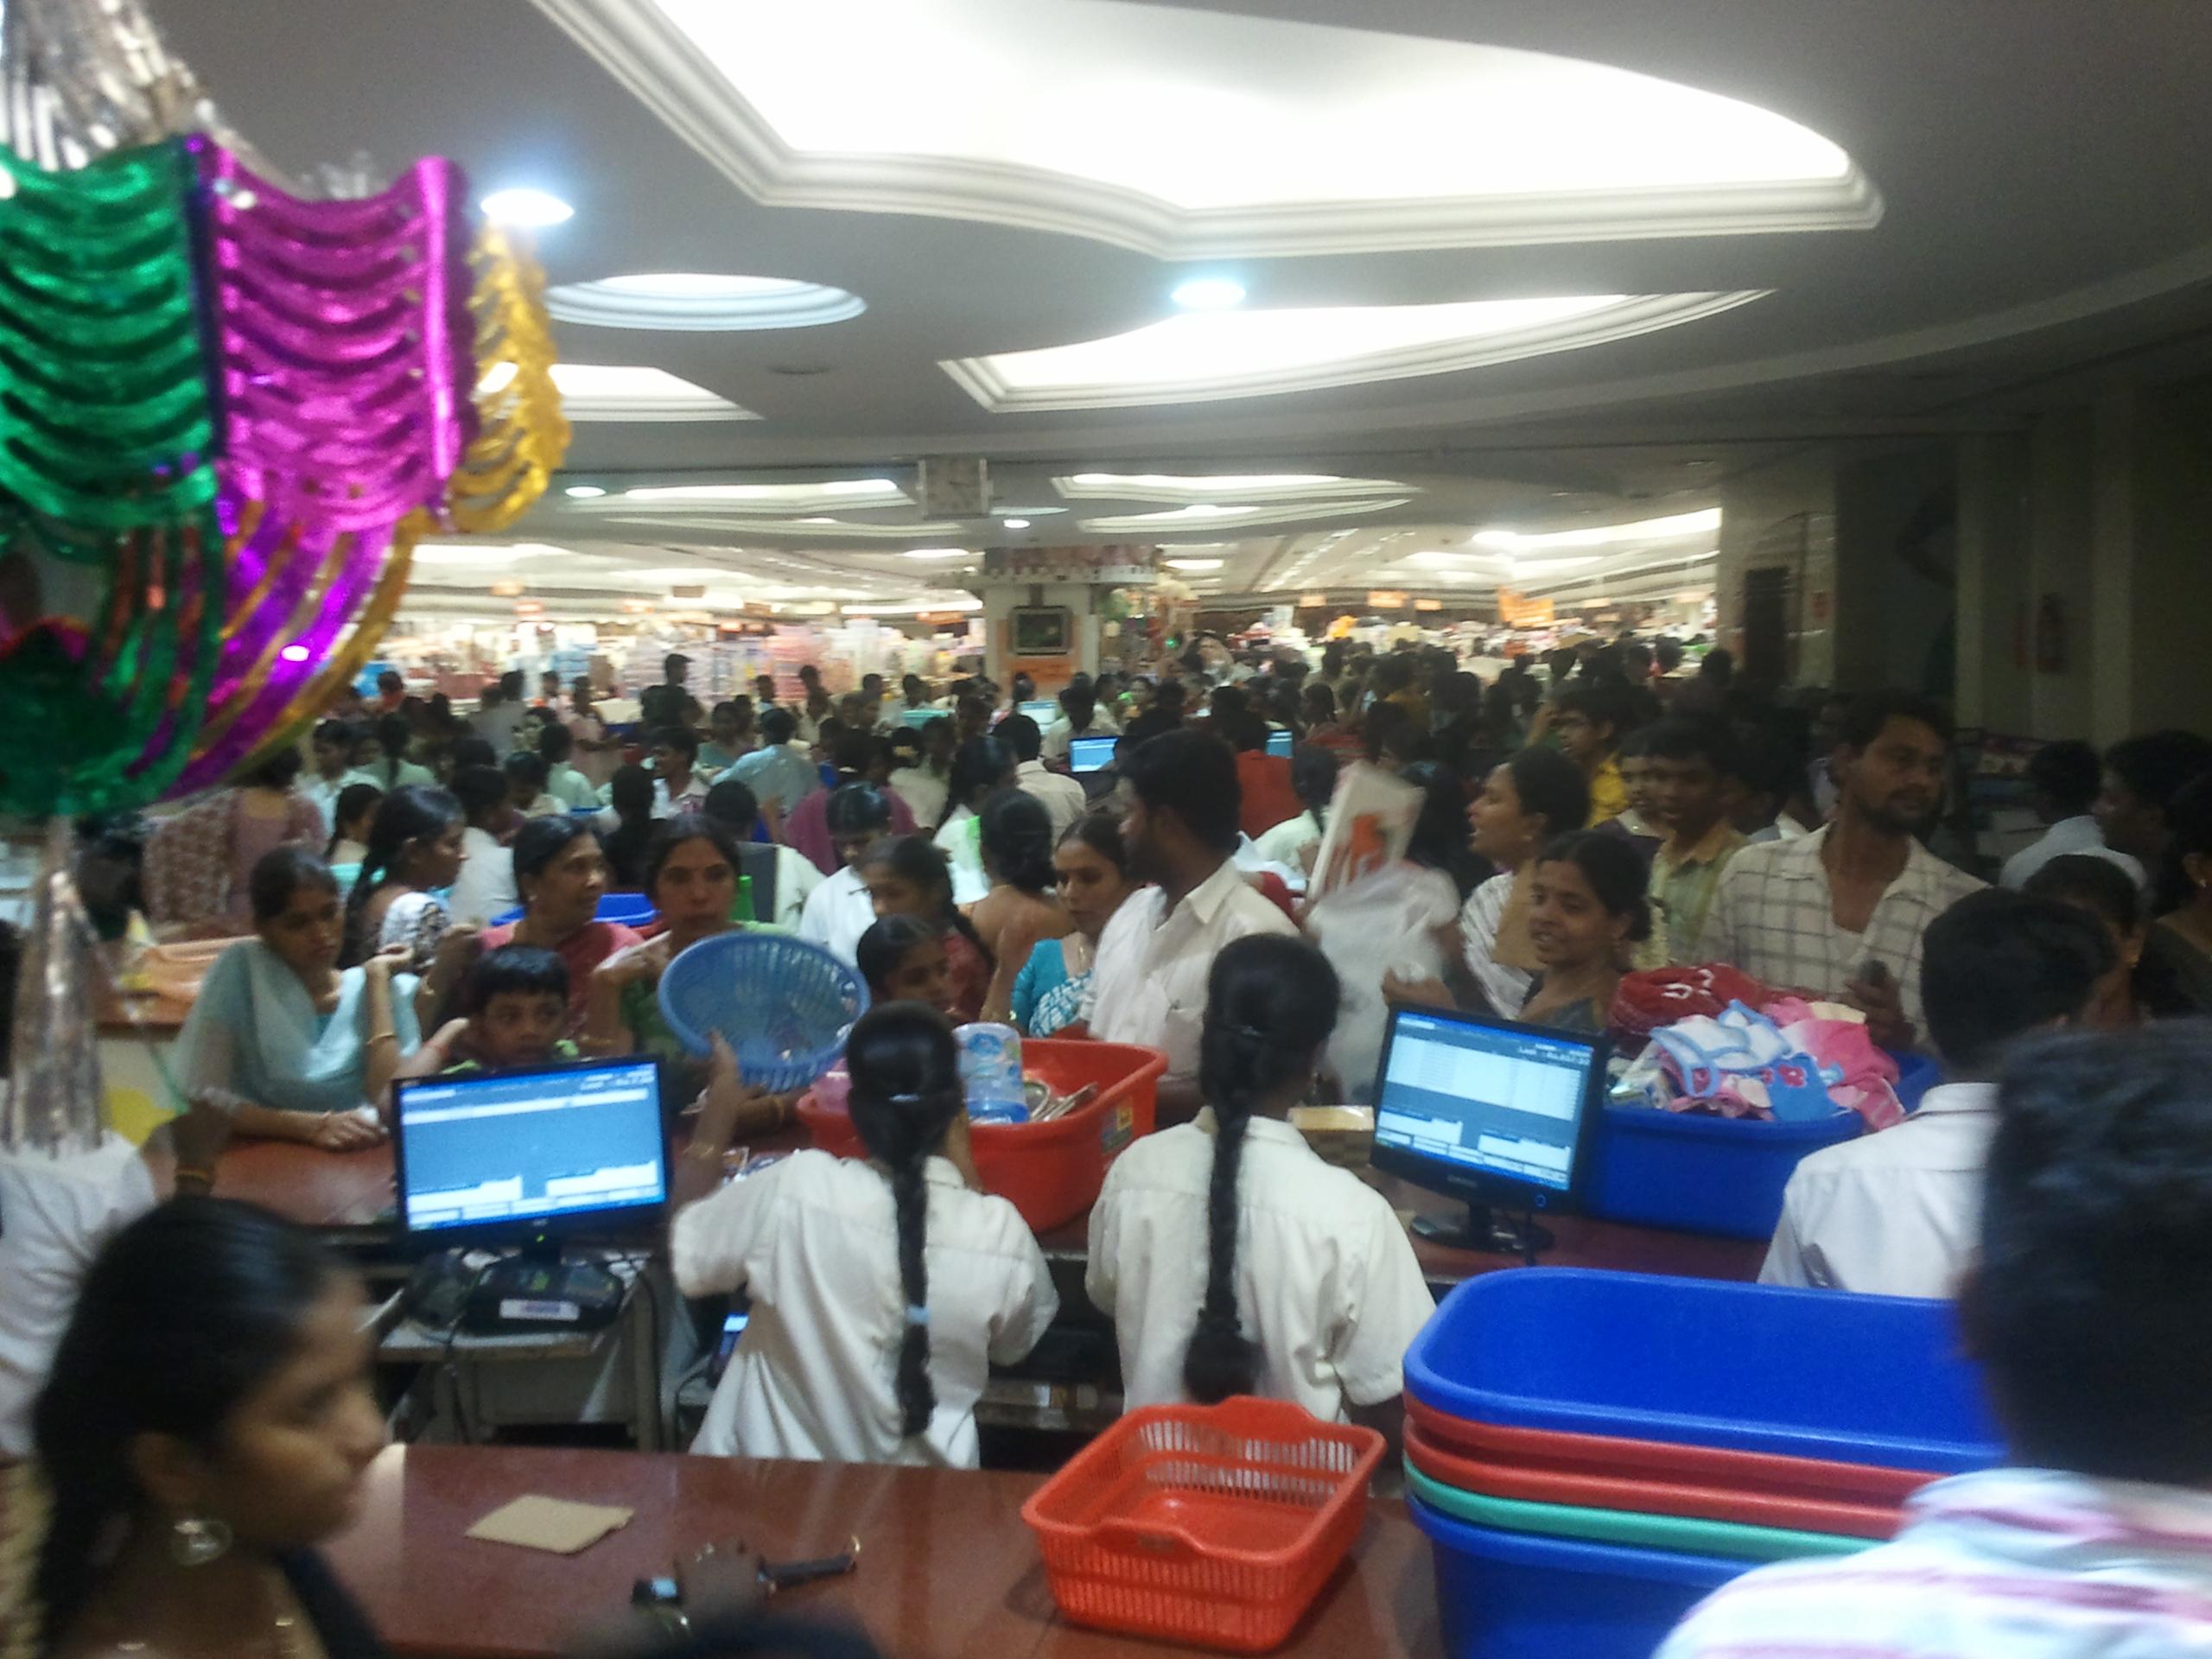 100 Sights Of Chennai 3 Saravana Stores A Bazaar On 7